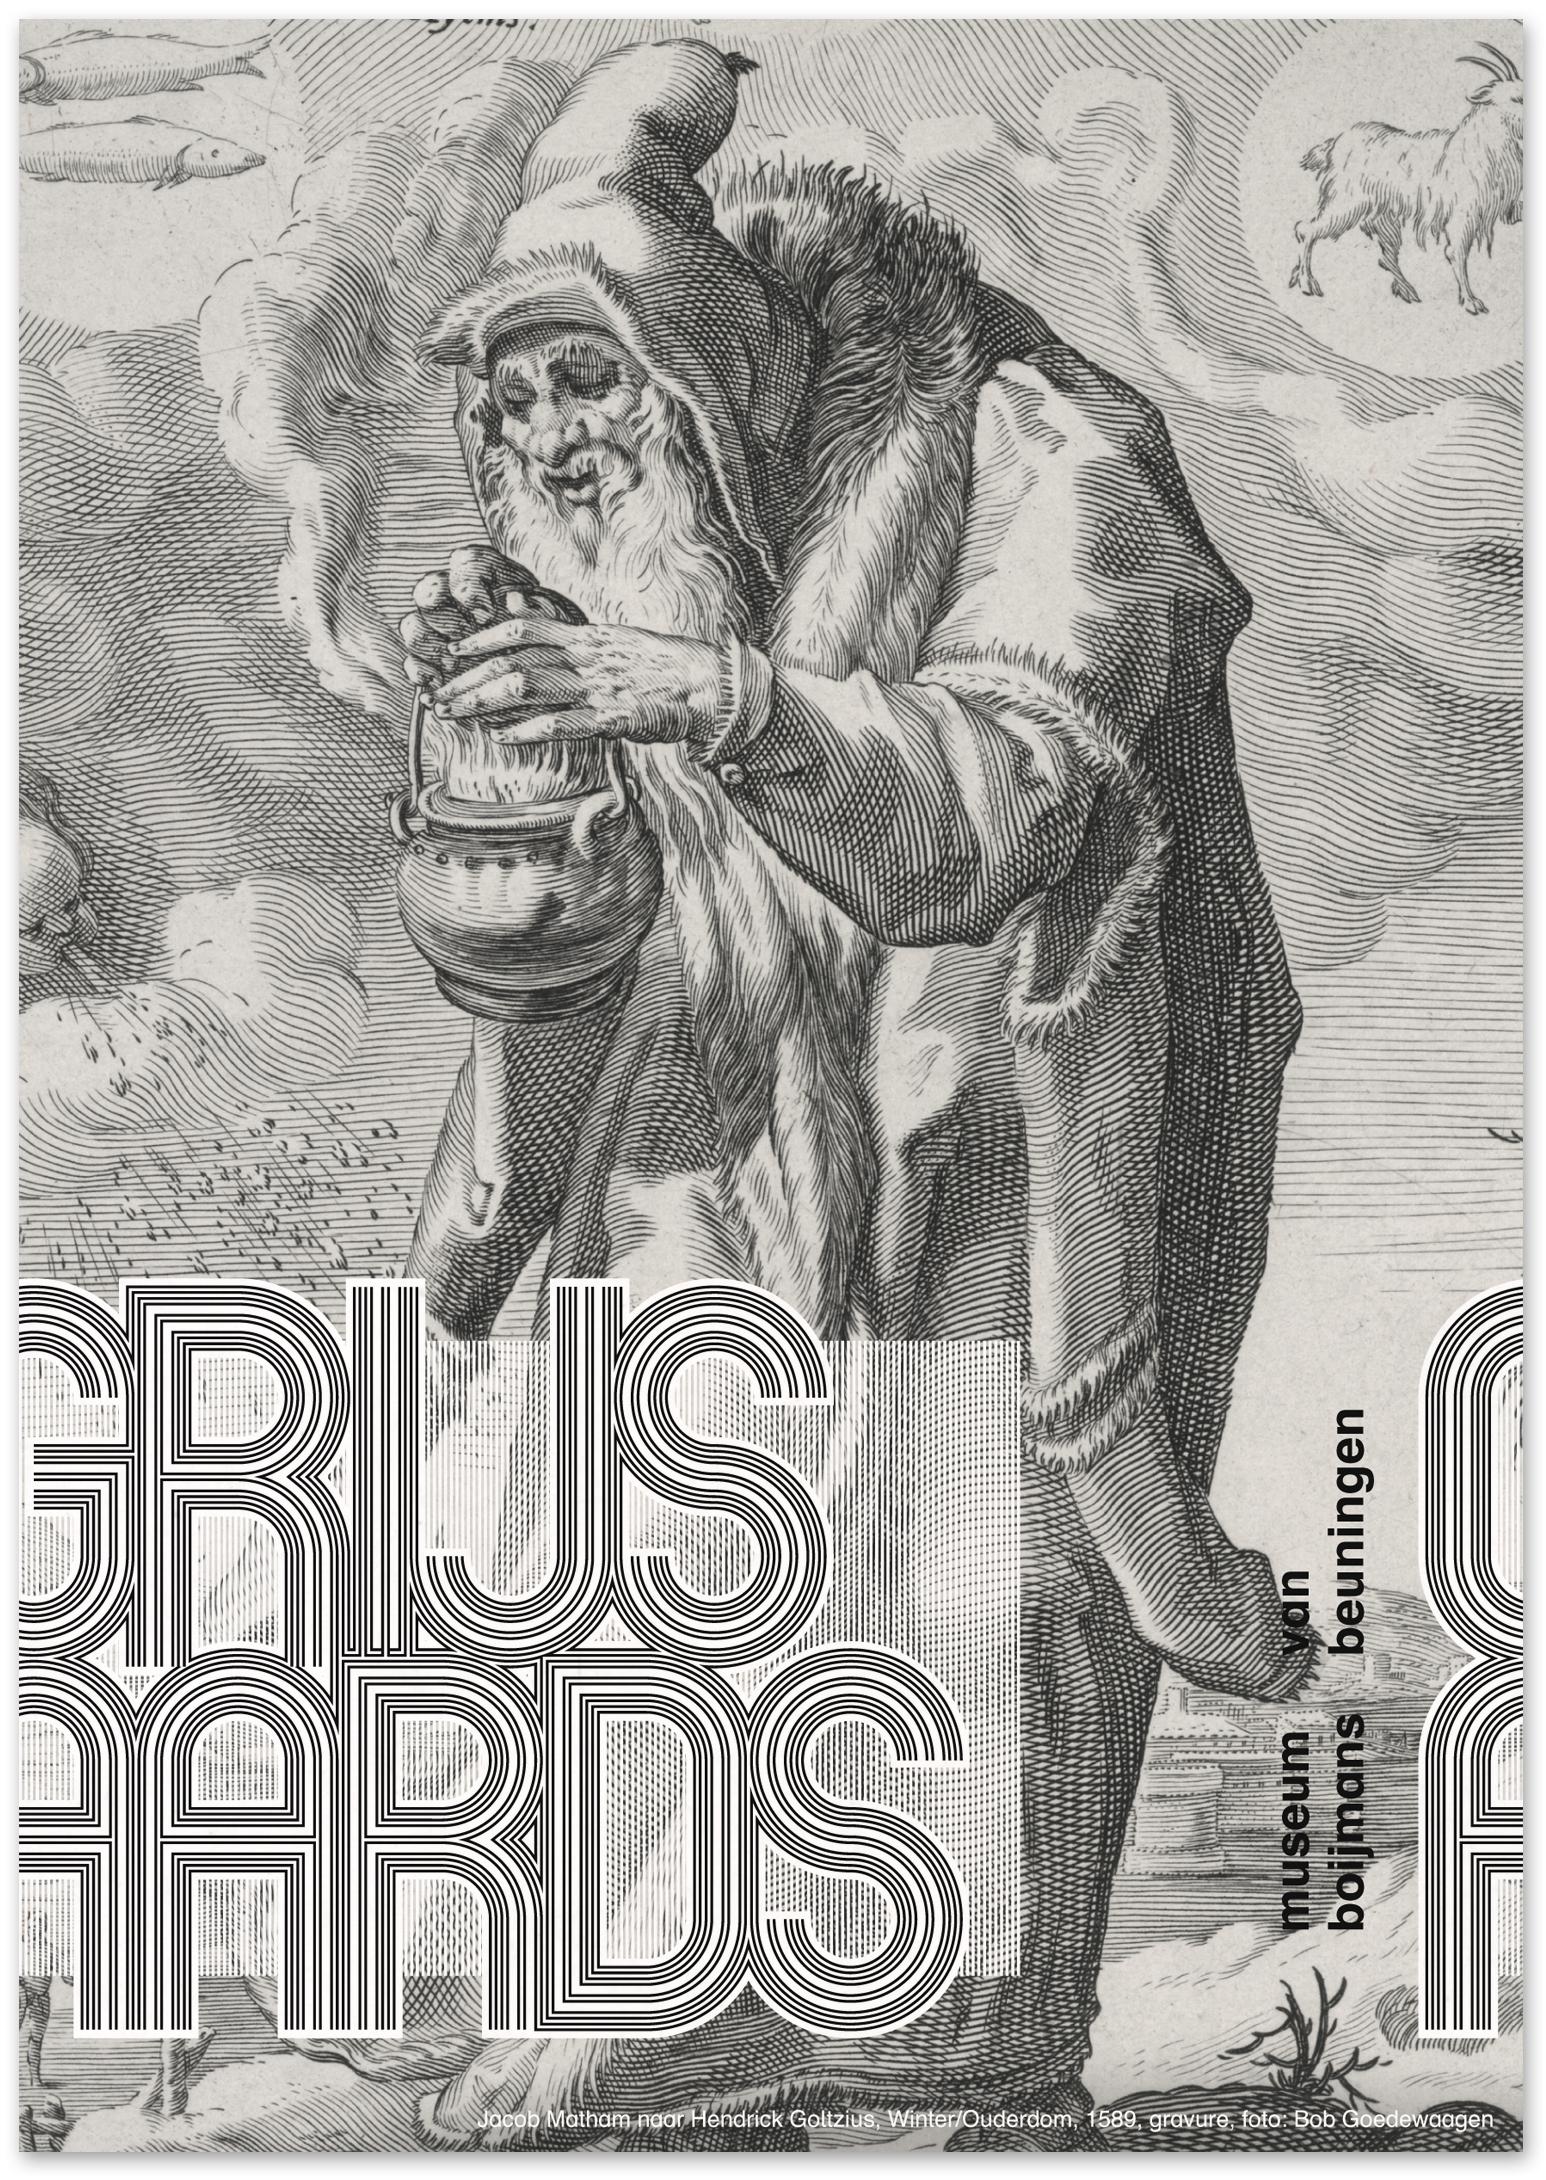 studio_colorado-boijmans_van_beuningen-flyer_grijsaards1